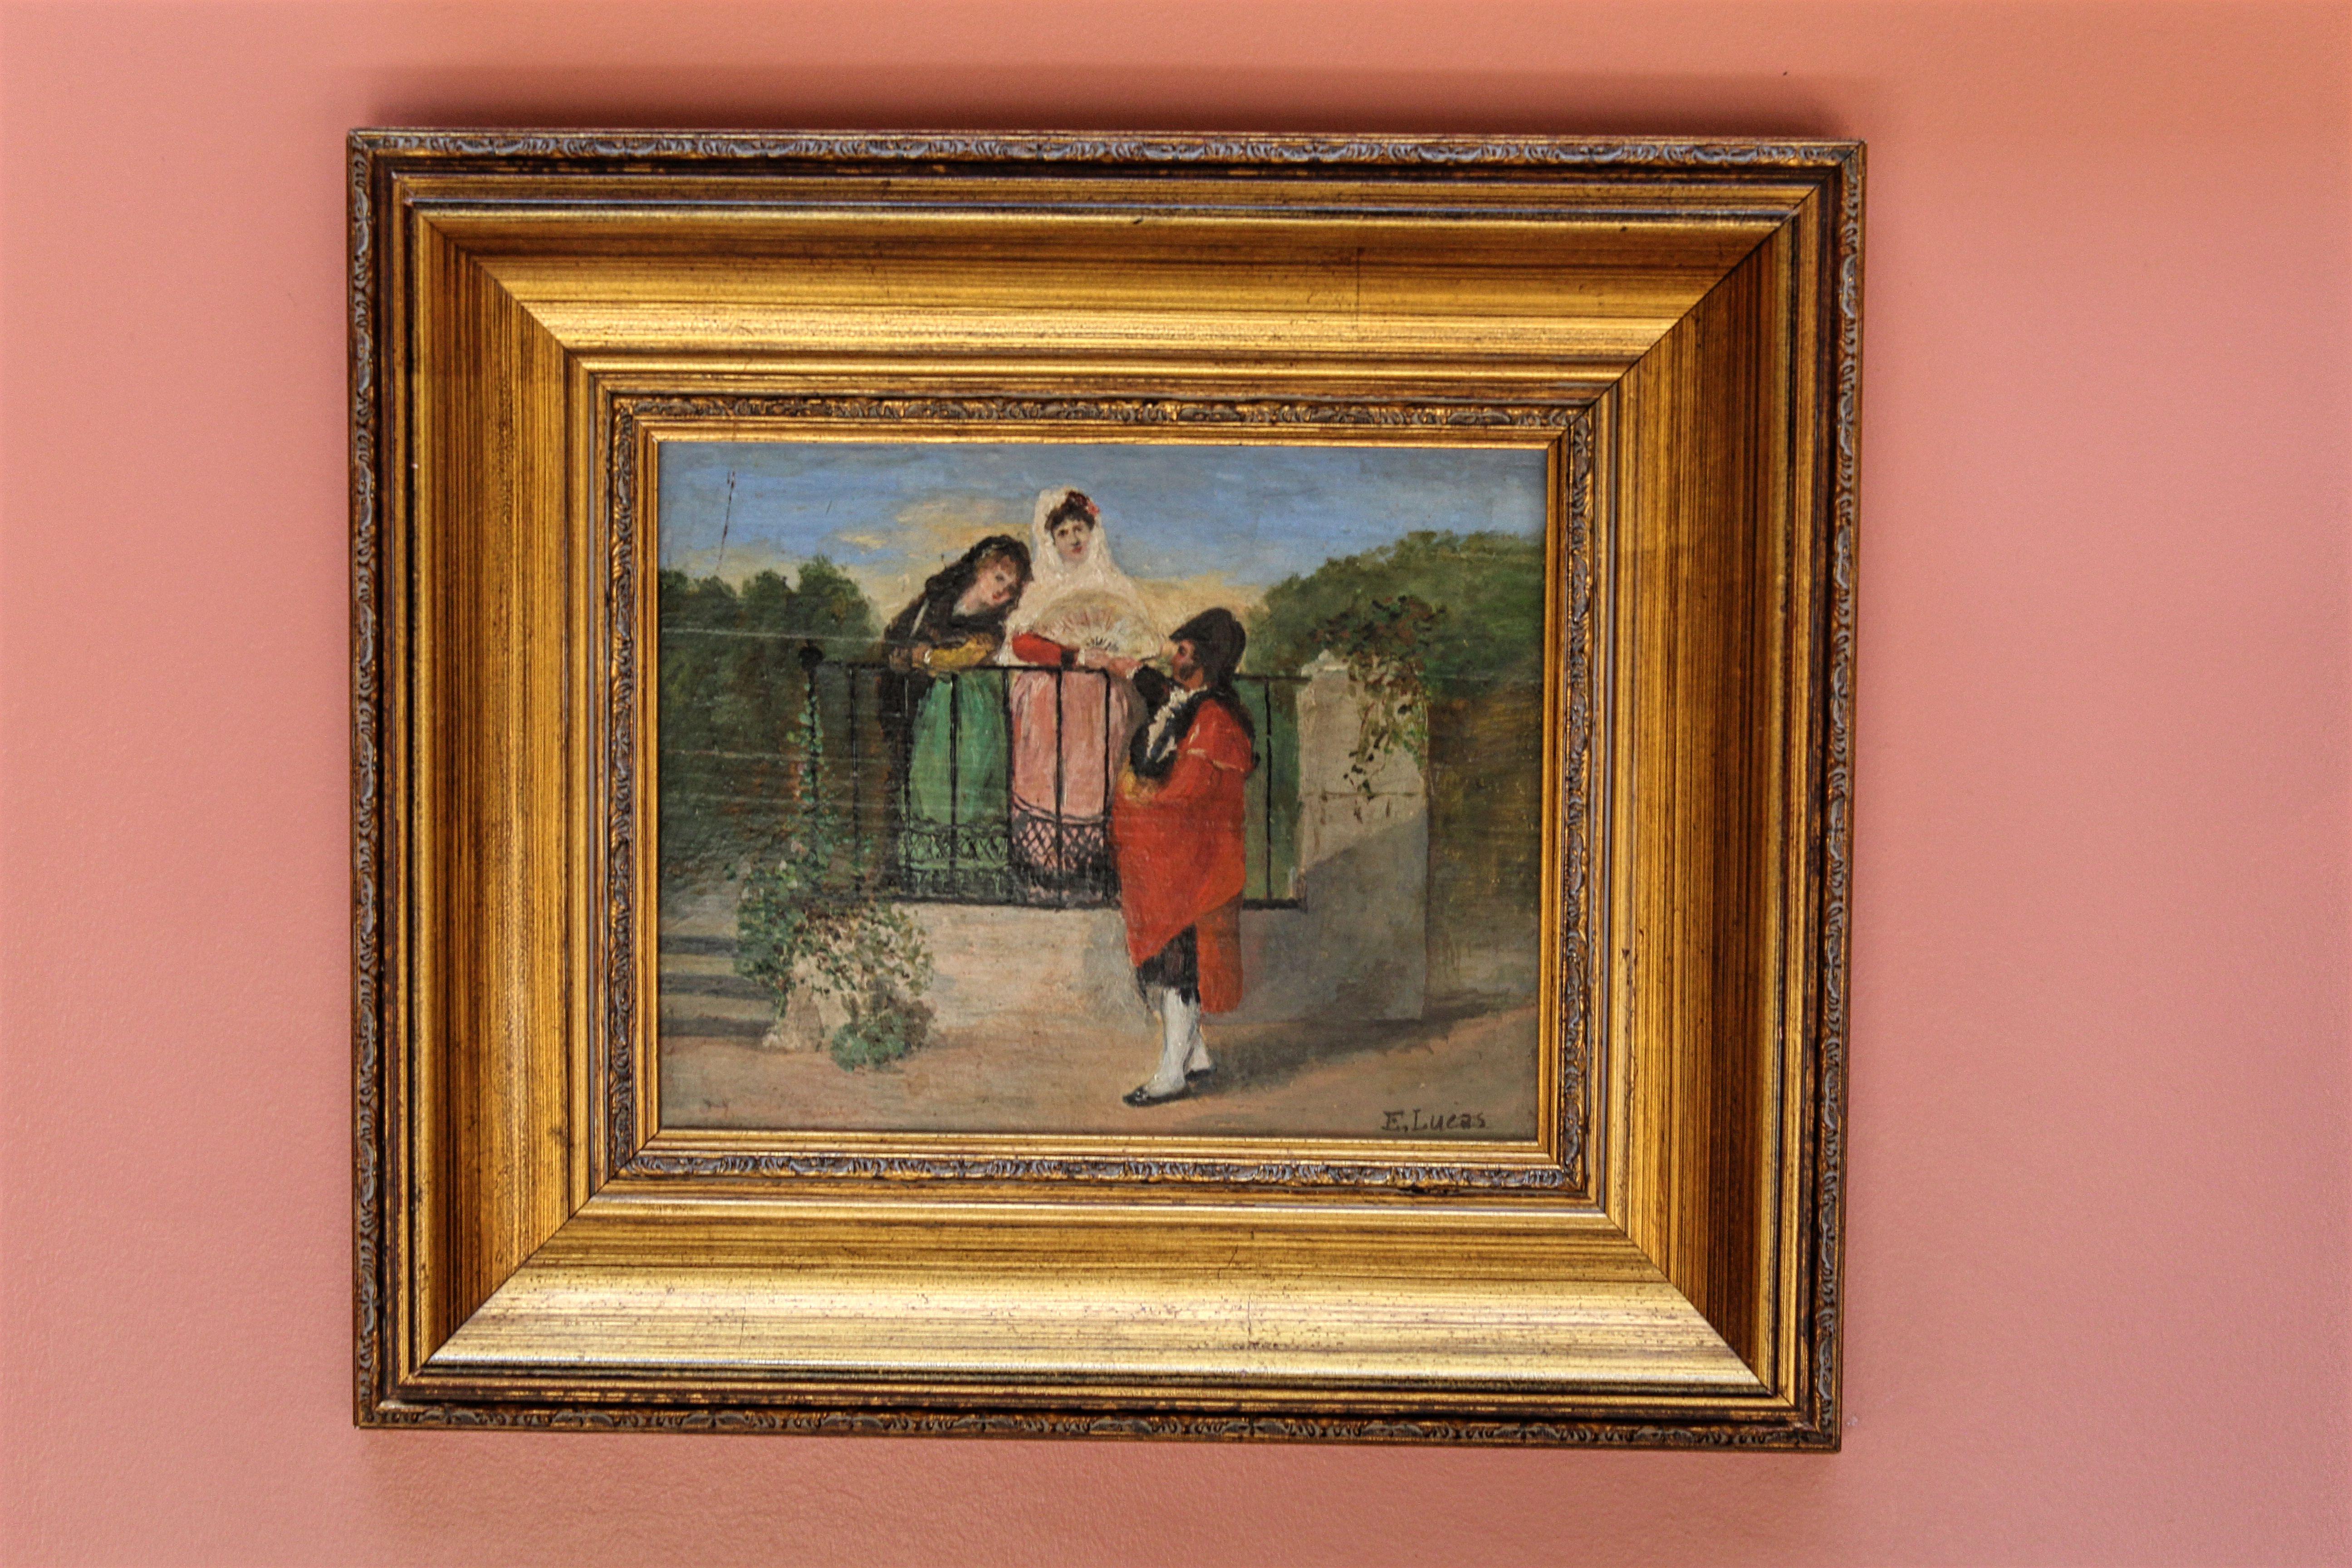 Título: Madrileños romeros. Autor: Eugenio Lucas Villaamil (Madrid 1858-1919). Galería particular. Tamaño: 31x40 cm. Fecha: 1885 aprox. Colección: Romerías.